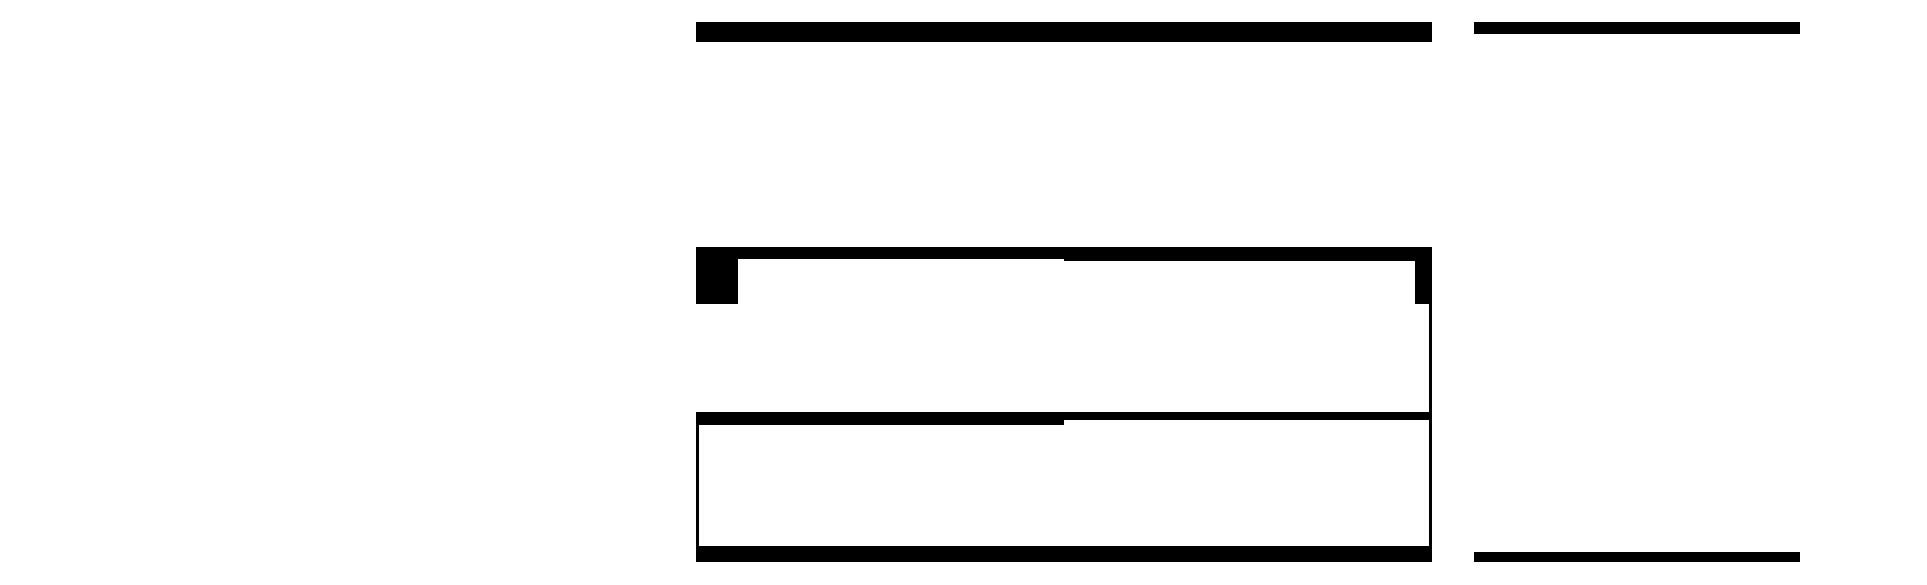 MAN Behind machine